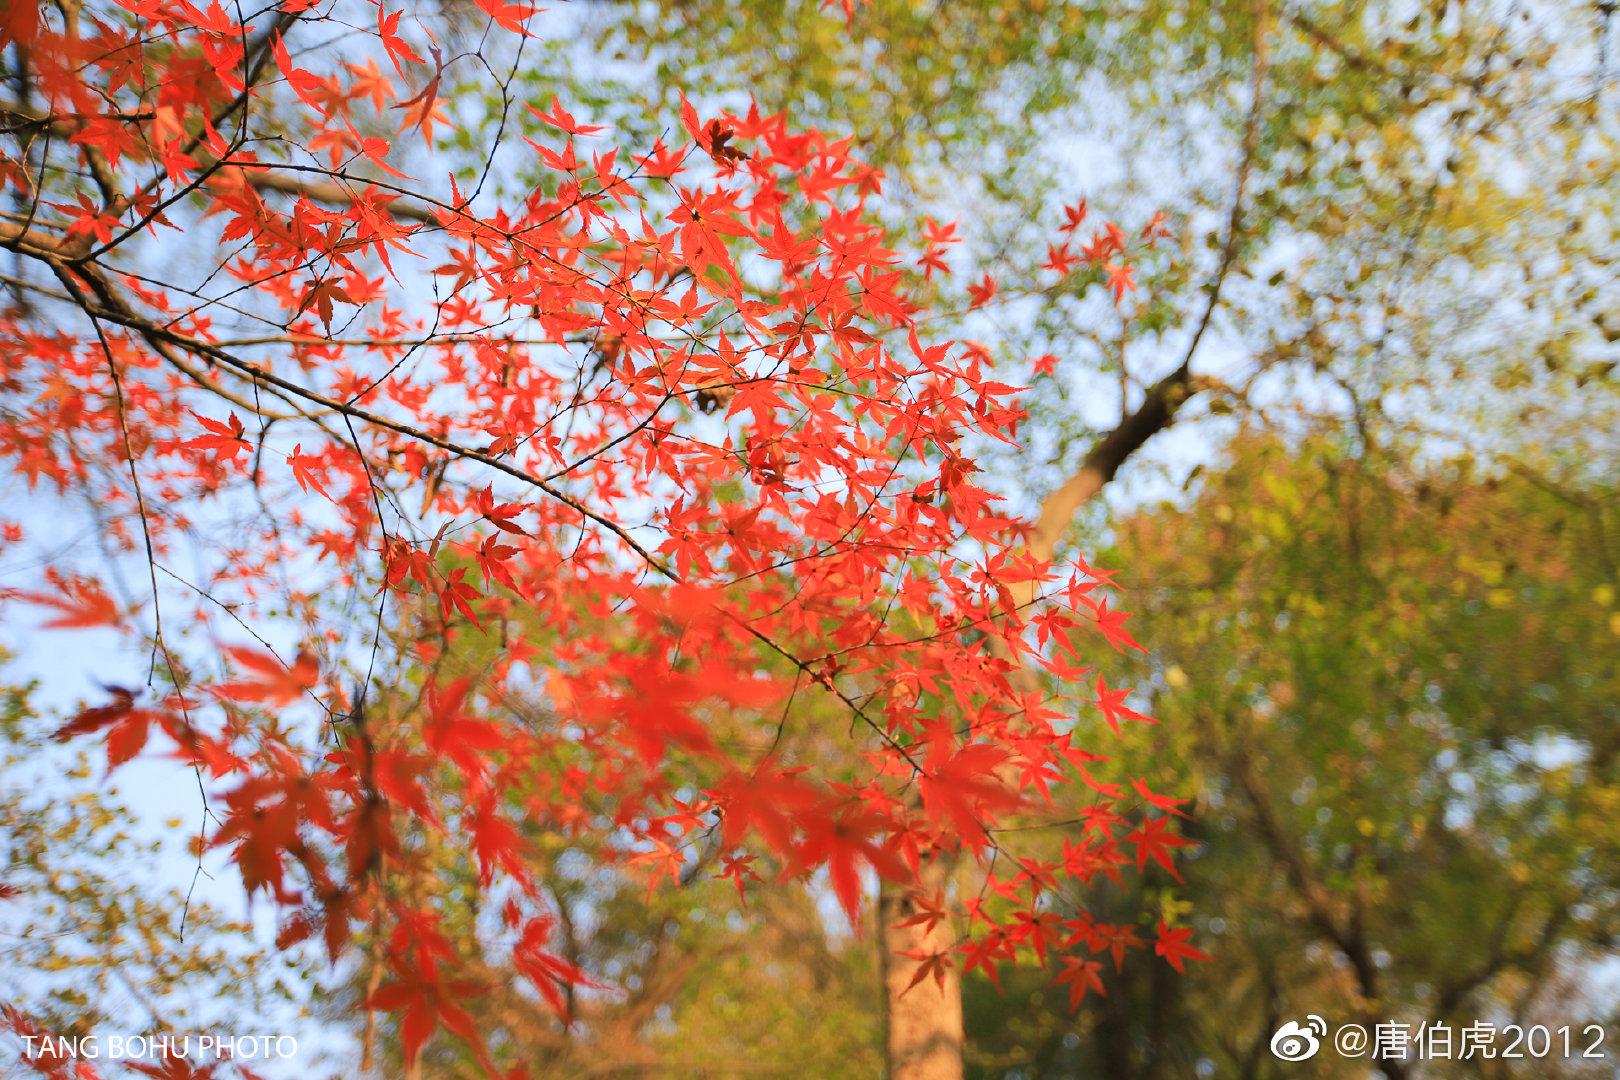 南京栖霞山枫叶正当红,走进栖霞山漫山遍野被红叶遮盖,红似烈火